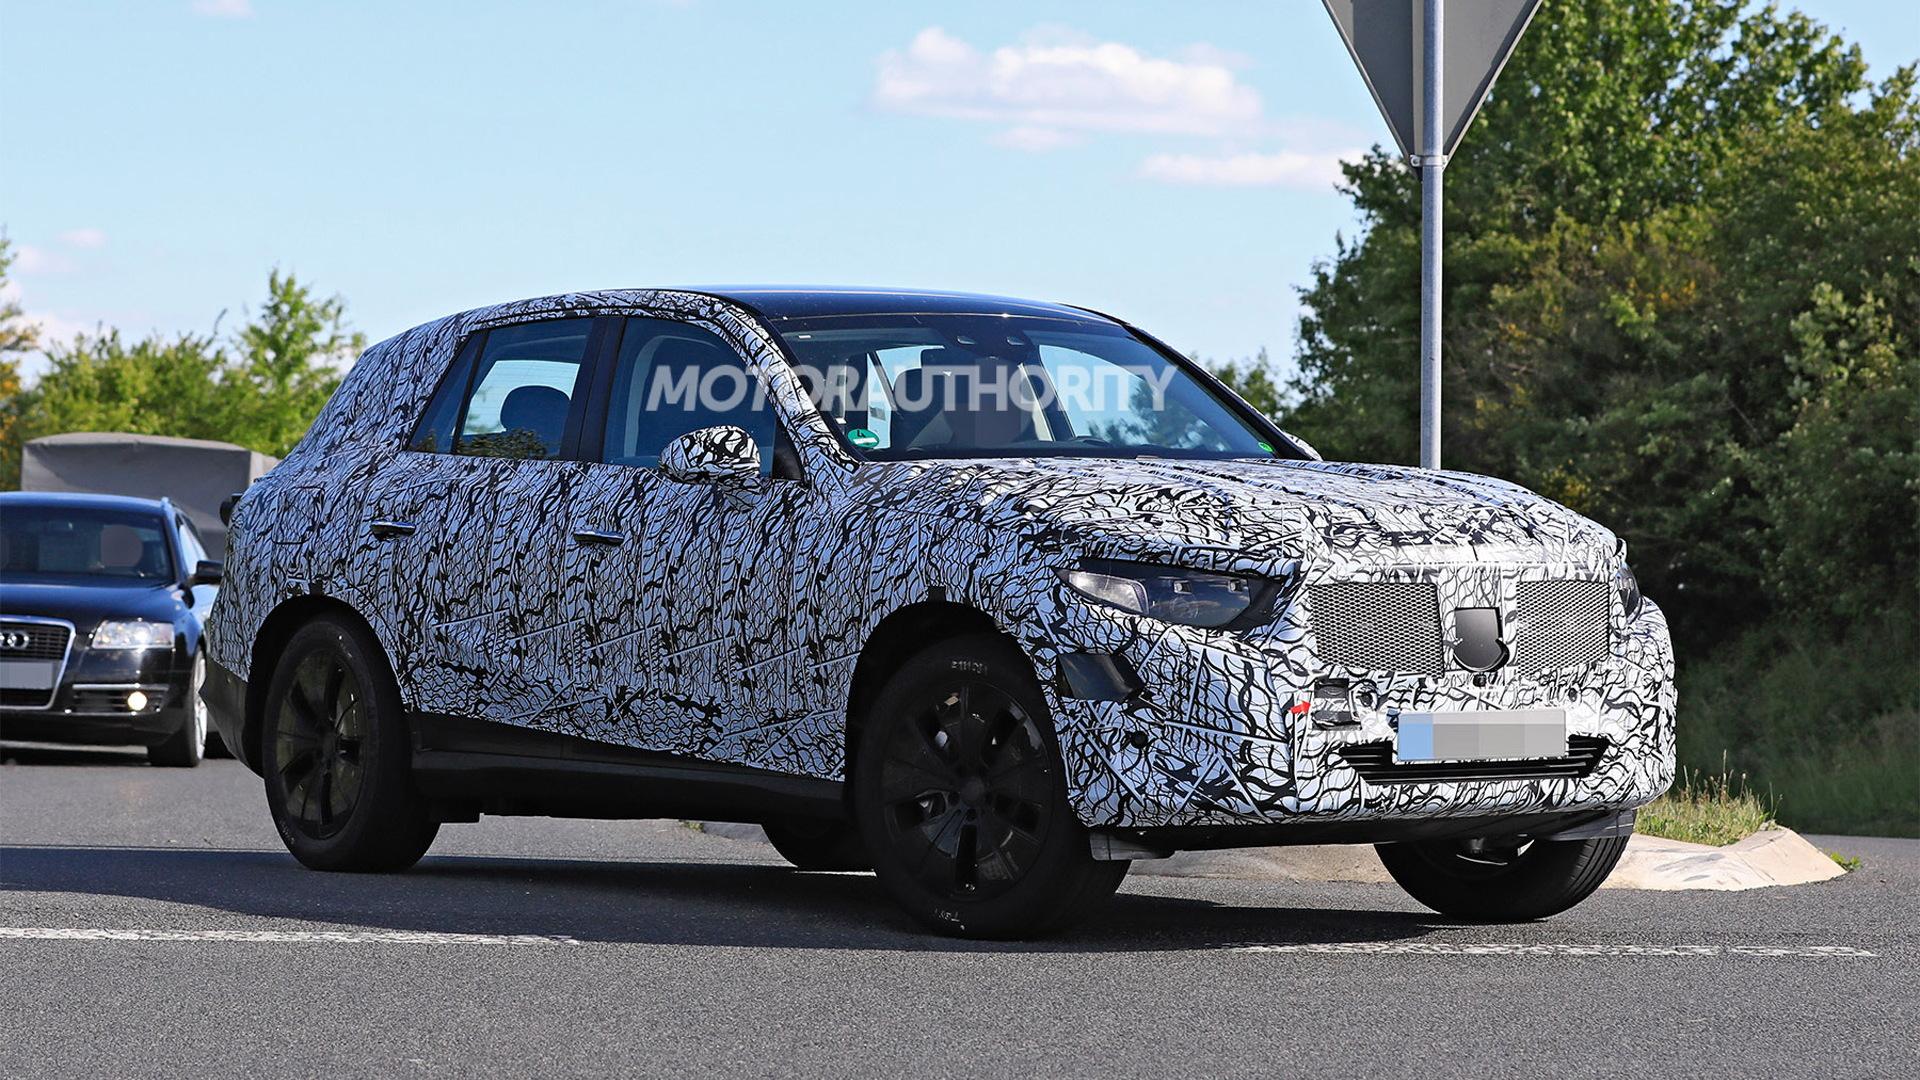 2023 Mercedes-Benz GLC spy shots - Photo credit:S. Baldauf/SB-Medien